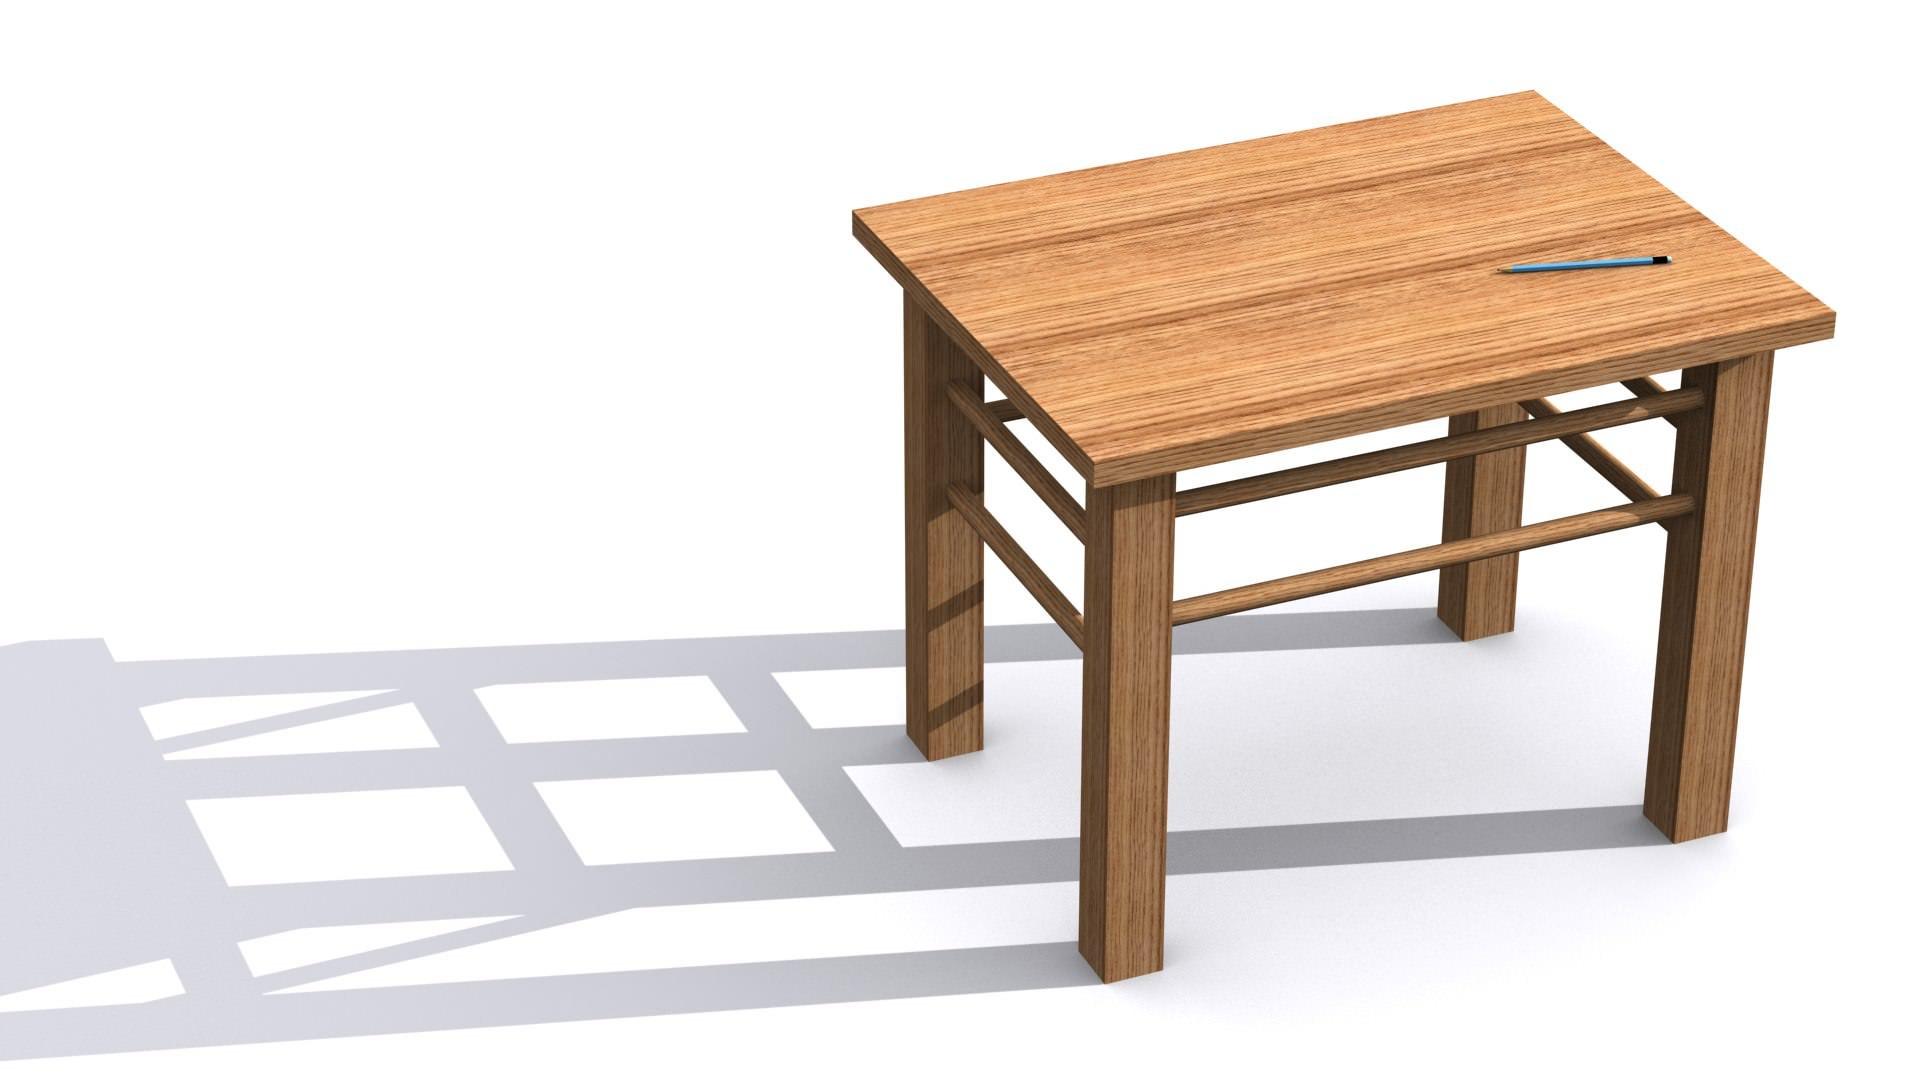 bauanleitung f r einen tisch aus holz. Black Bedroom Furniture Sets. Home Design Ideas